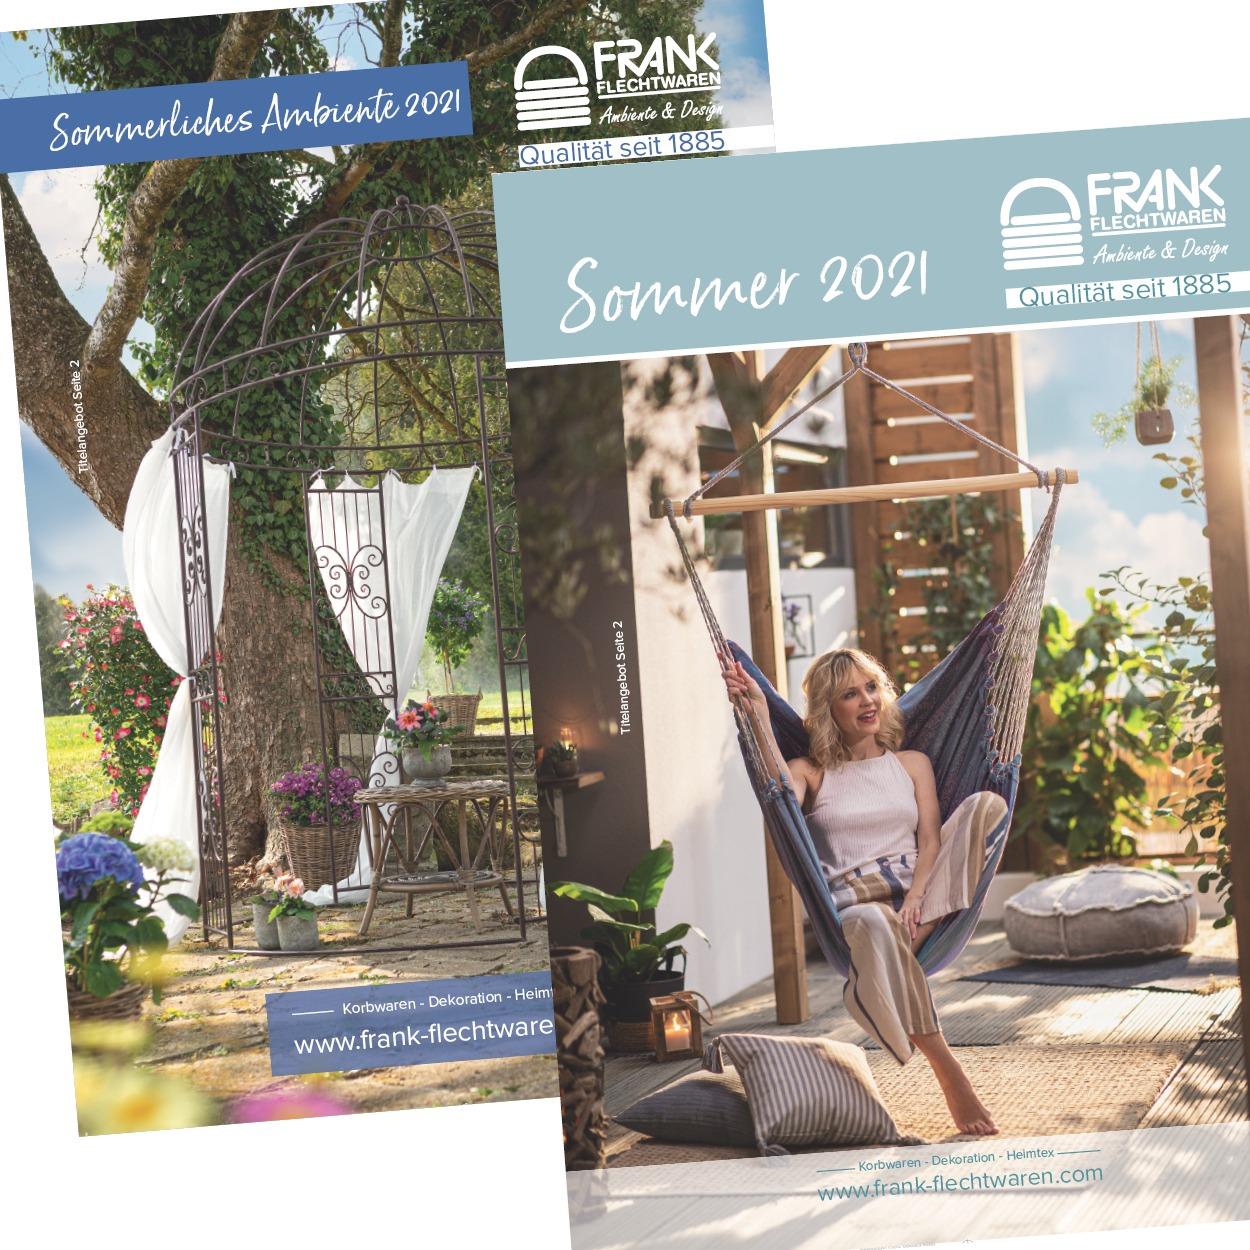 Unsere Kataloge Sommer 2021 und Sommerliches Ambiente sind ab sofort erhältlich